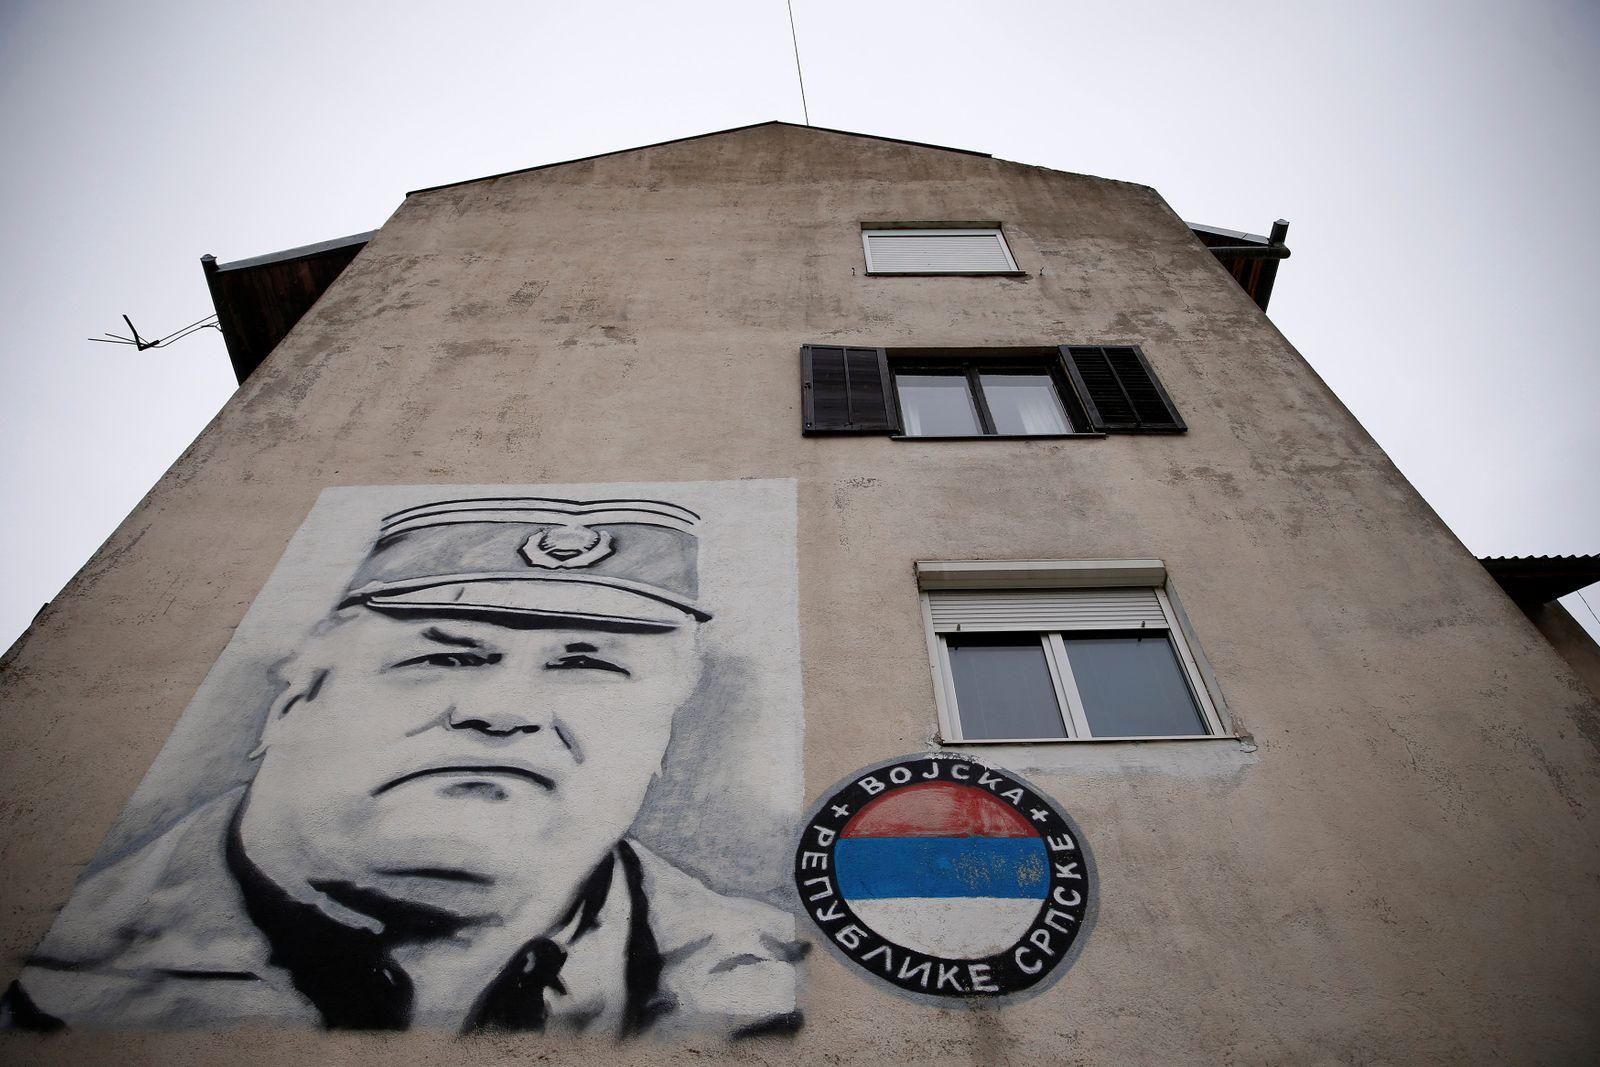 Mladic mural is seen on building in Gacko